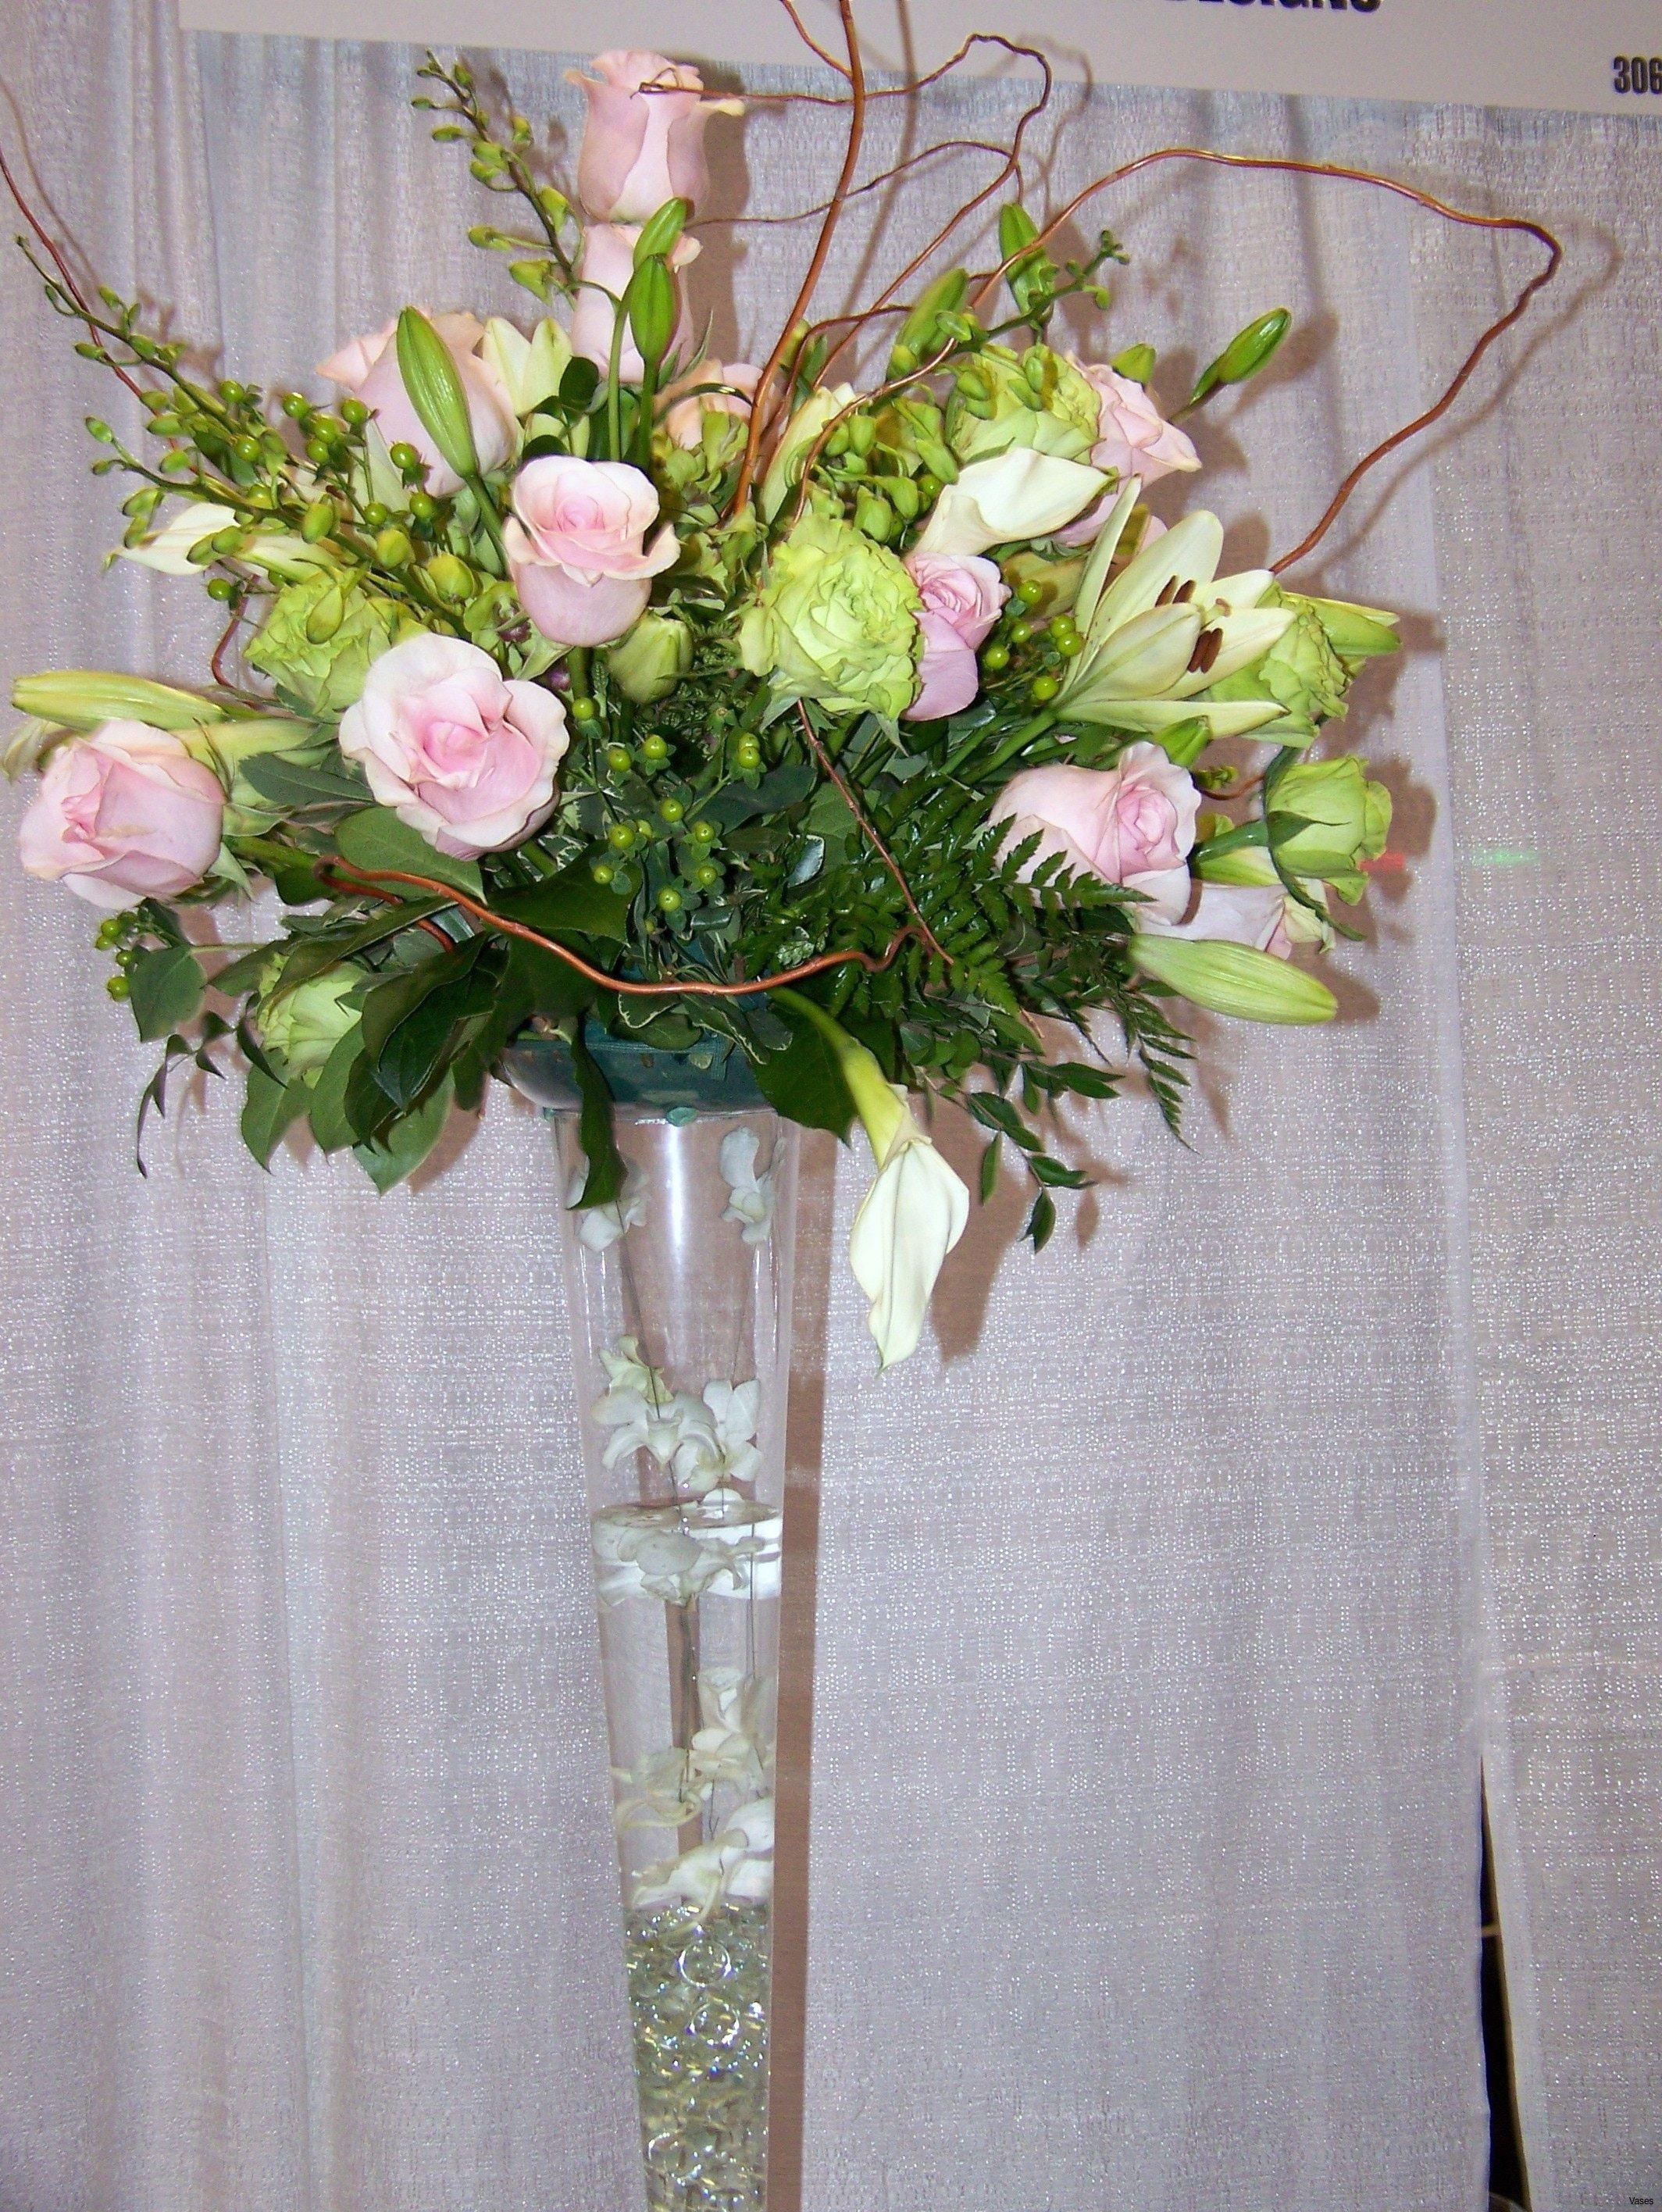 Idee Deco Vase Rond 12 attractive round vases wholesale | decorative vase ideas